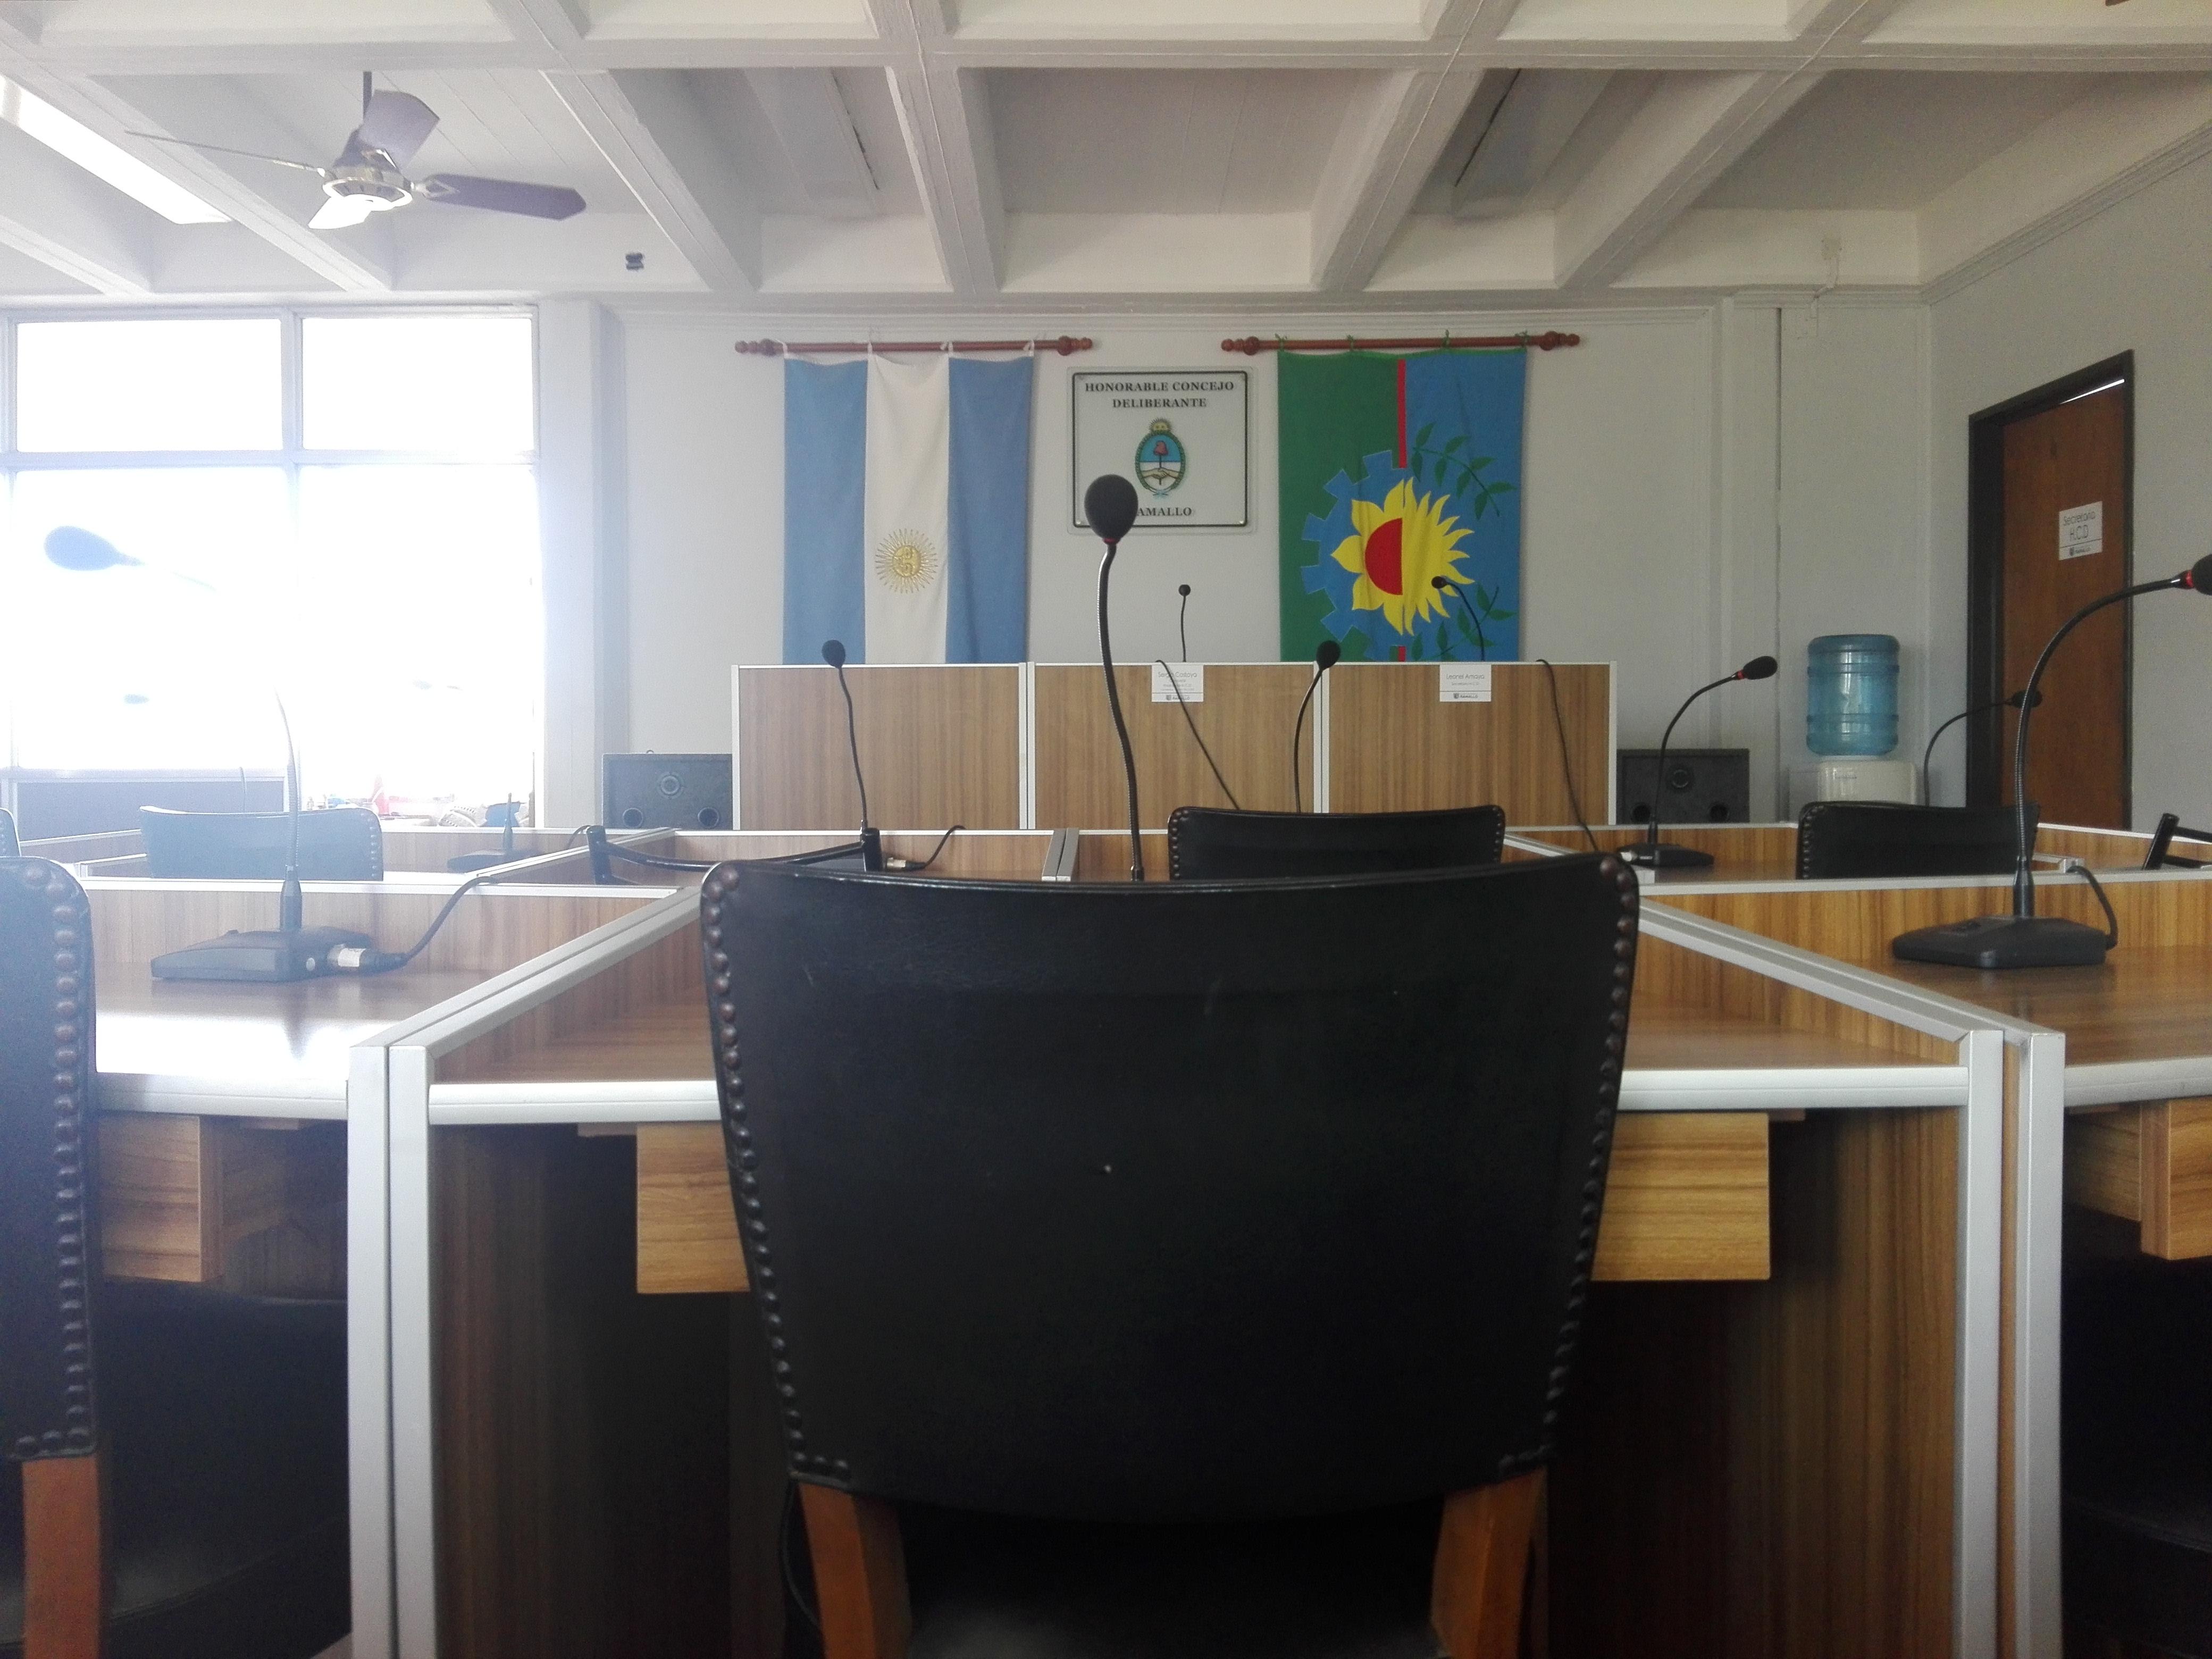 Se reúne este miércoles 23 de mayo el Concejo Deliberante para tratar la rendición de cuentas del al administración central y del Hospital José María Gomendio. Se trata de una sesión especial para tratar solamente este tema, será  a partir de las 19 horas.